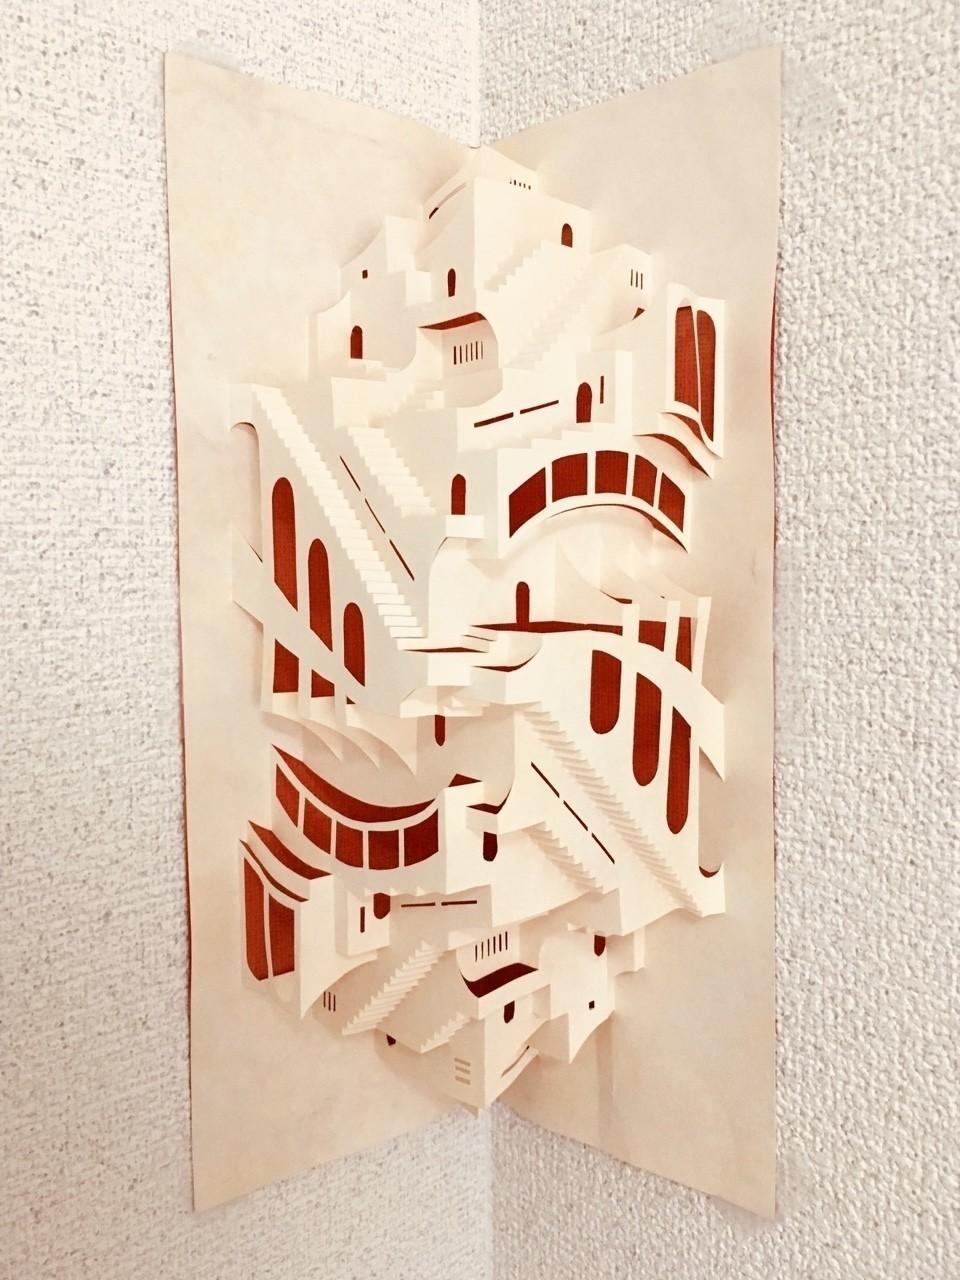 学生頃に制作した折り紙建築。タイトルは「鏡の城」。1枚の紙に切り込みを入れて折っただけで作っています。 もう10年以上経って所々折れたりしているので、額装するなり、新しく切り出し直すなりしてあげたい作品。